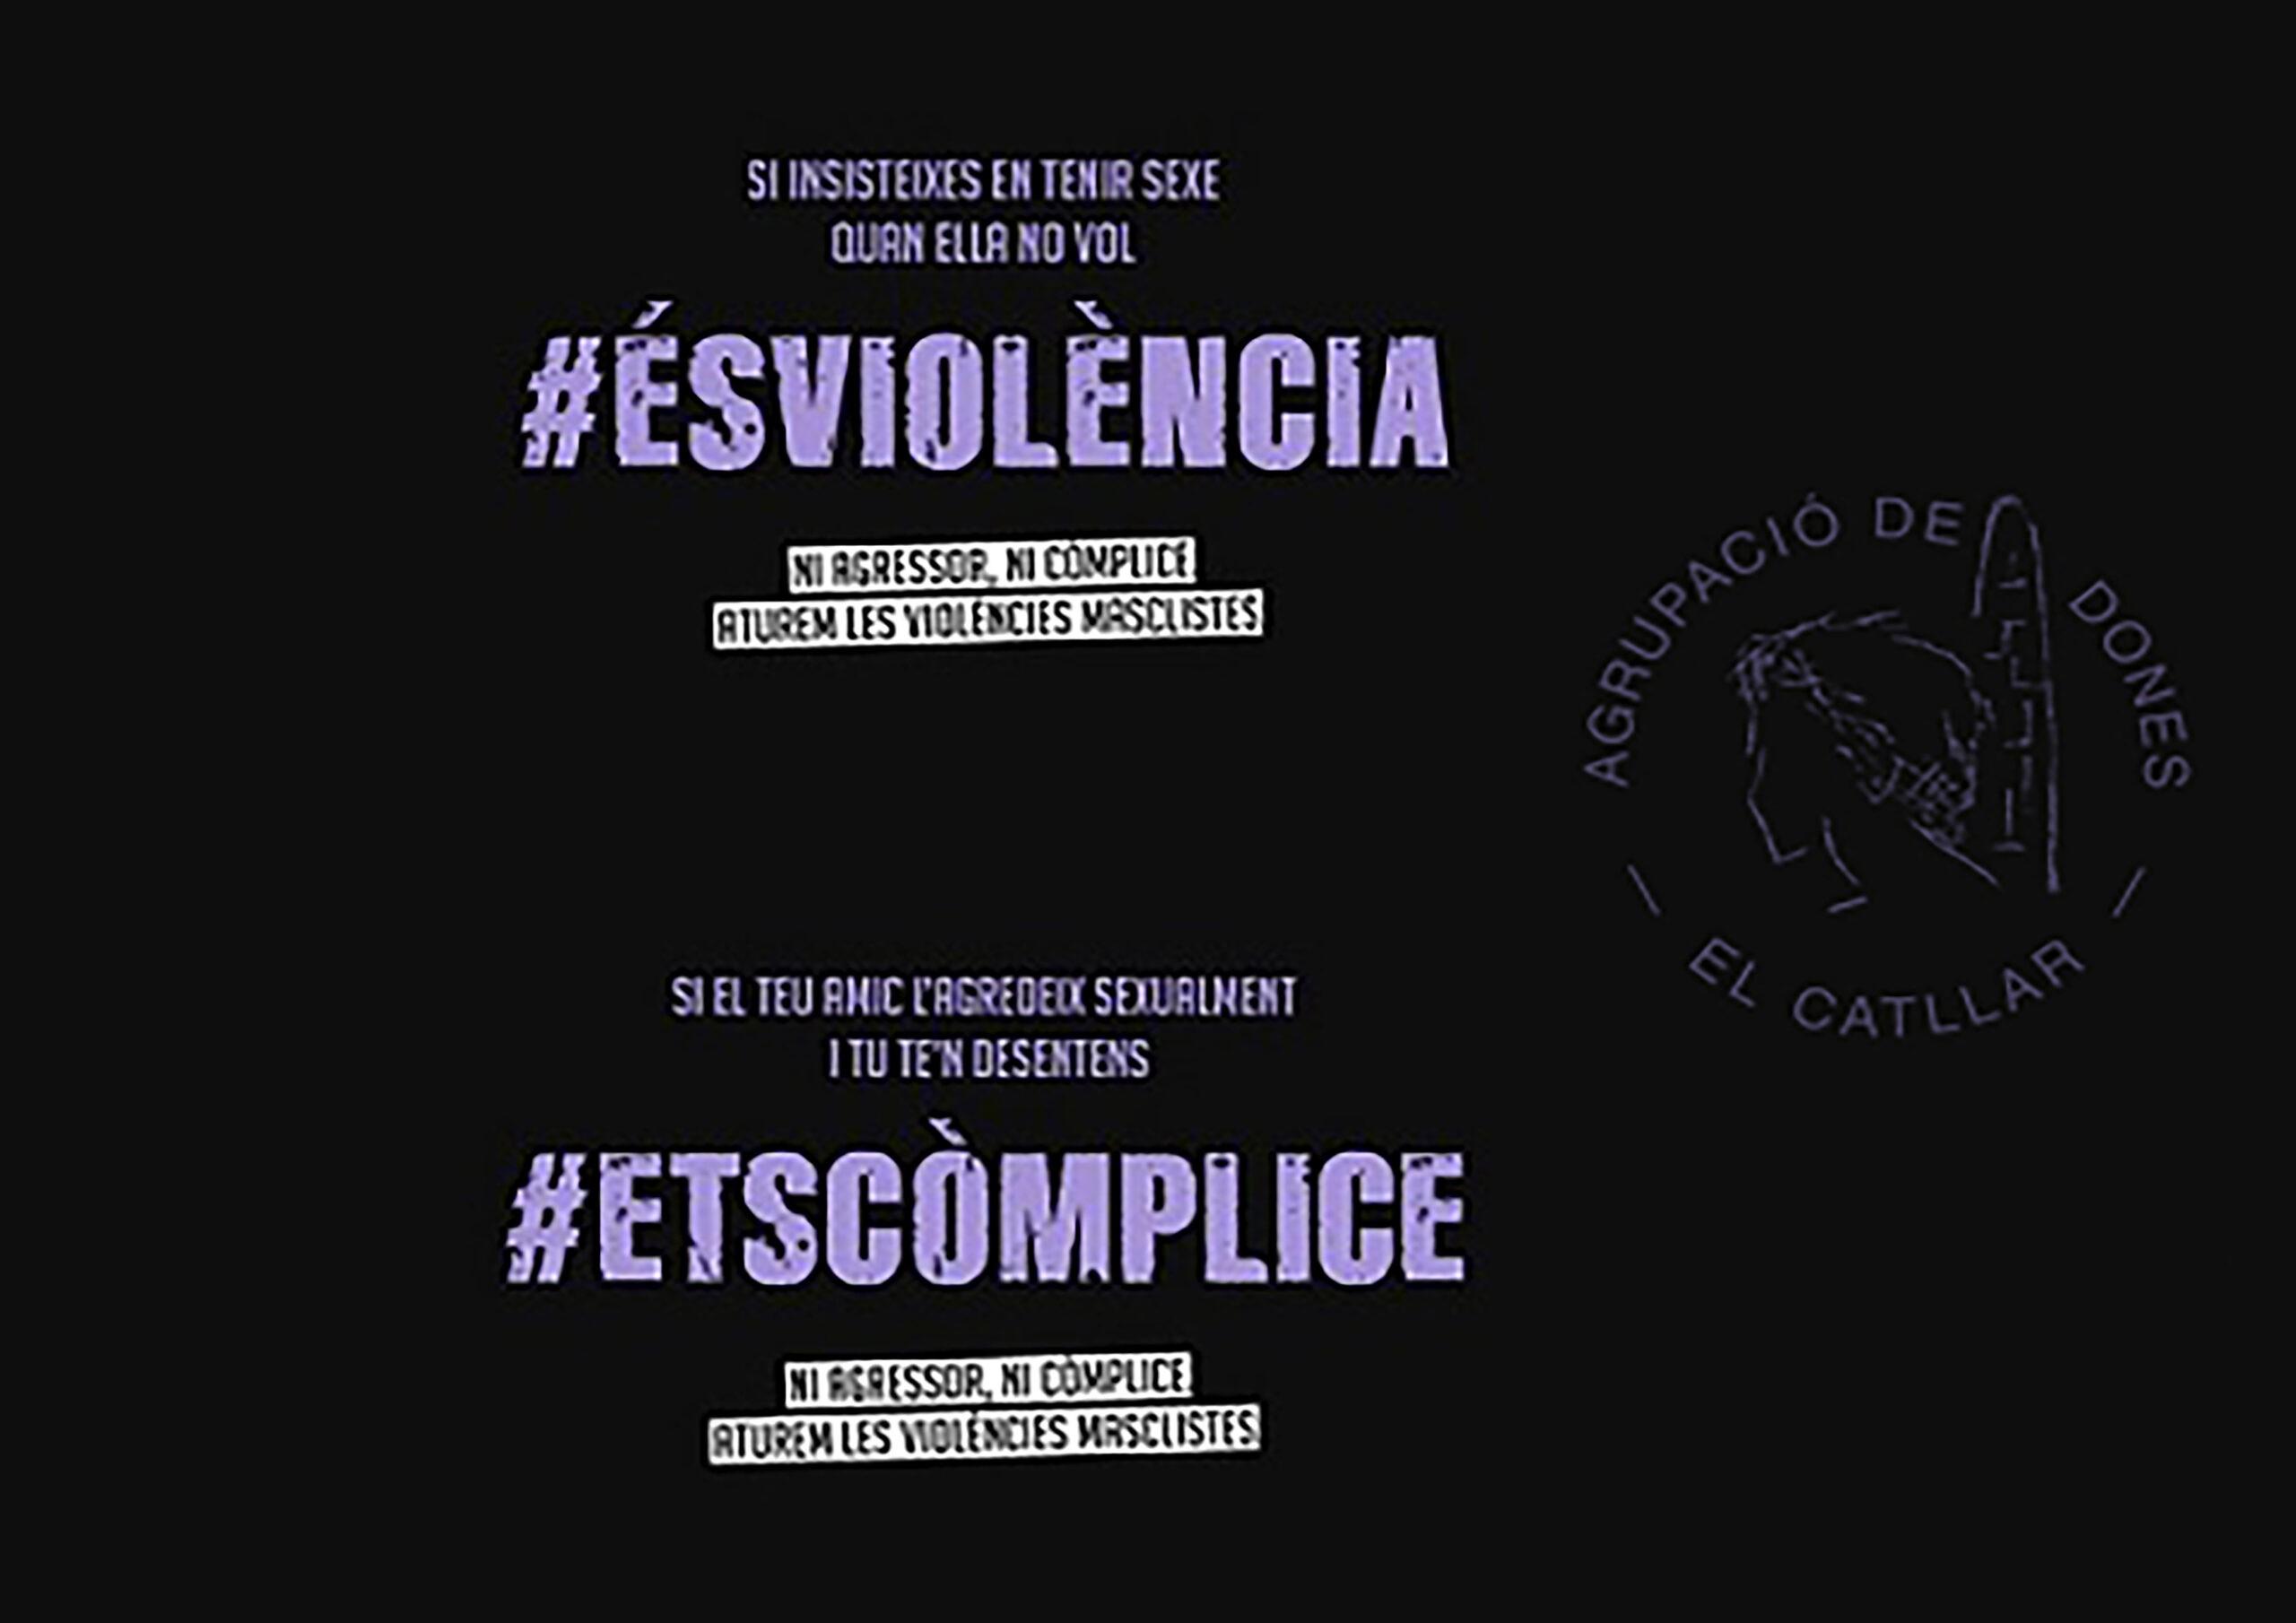 25N DIA INTERNACIONAL PER A L'ELIMINACIÓ DE LA VIOLÈNCIA DE GÈNERE – AGRUPACIÓ DE DONES DEL CATLLAR